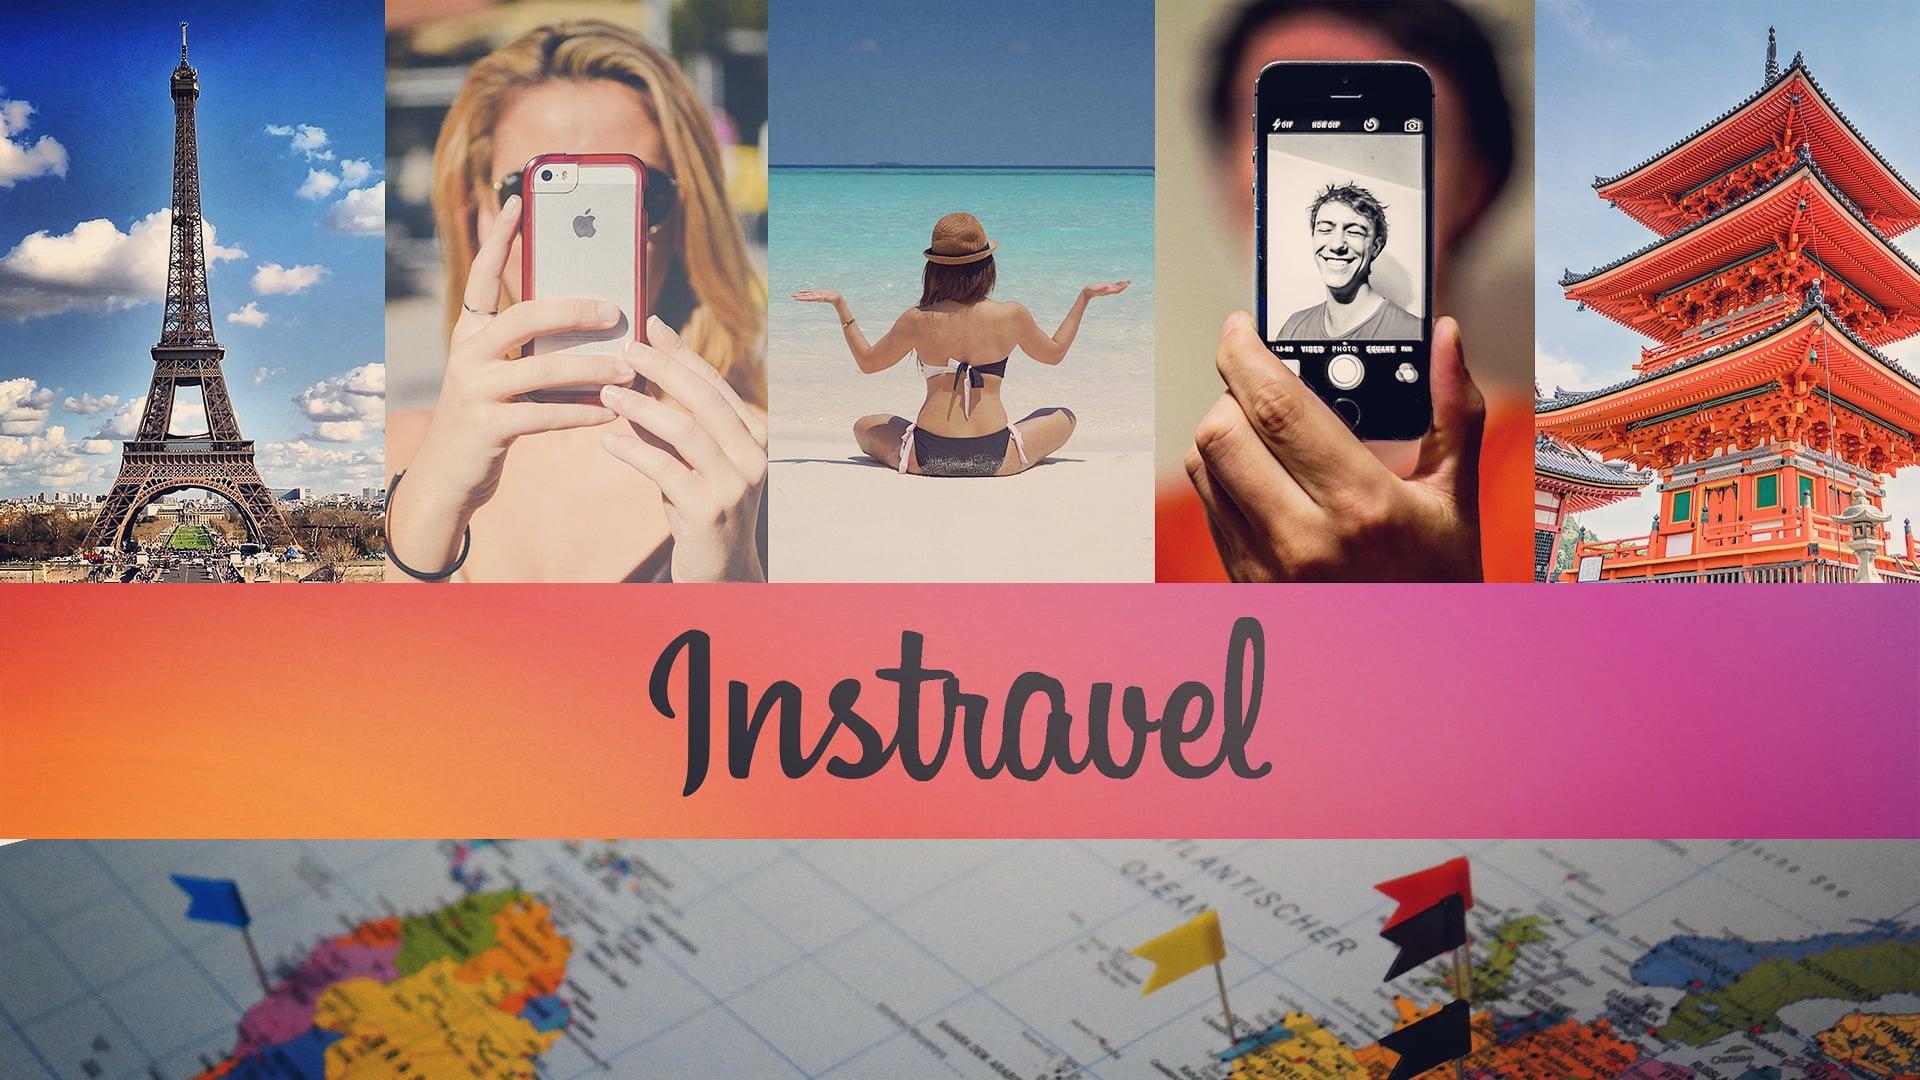 Instravel - Ein Film aus Reisebildern von Instagram